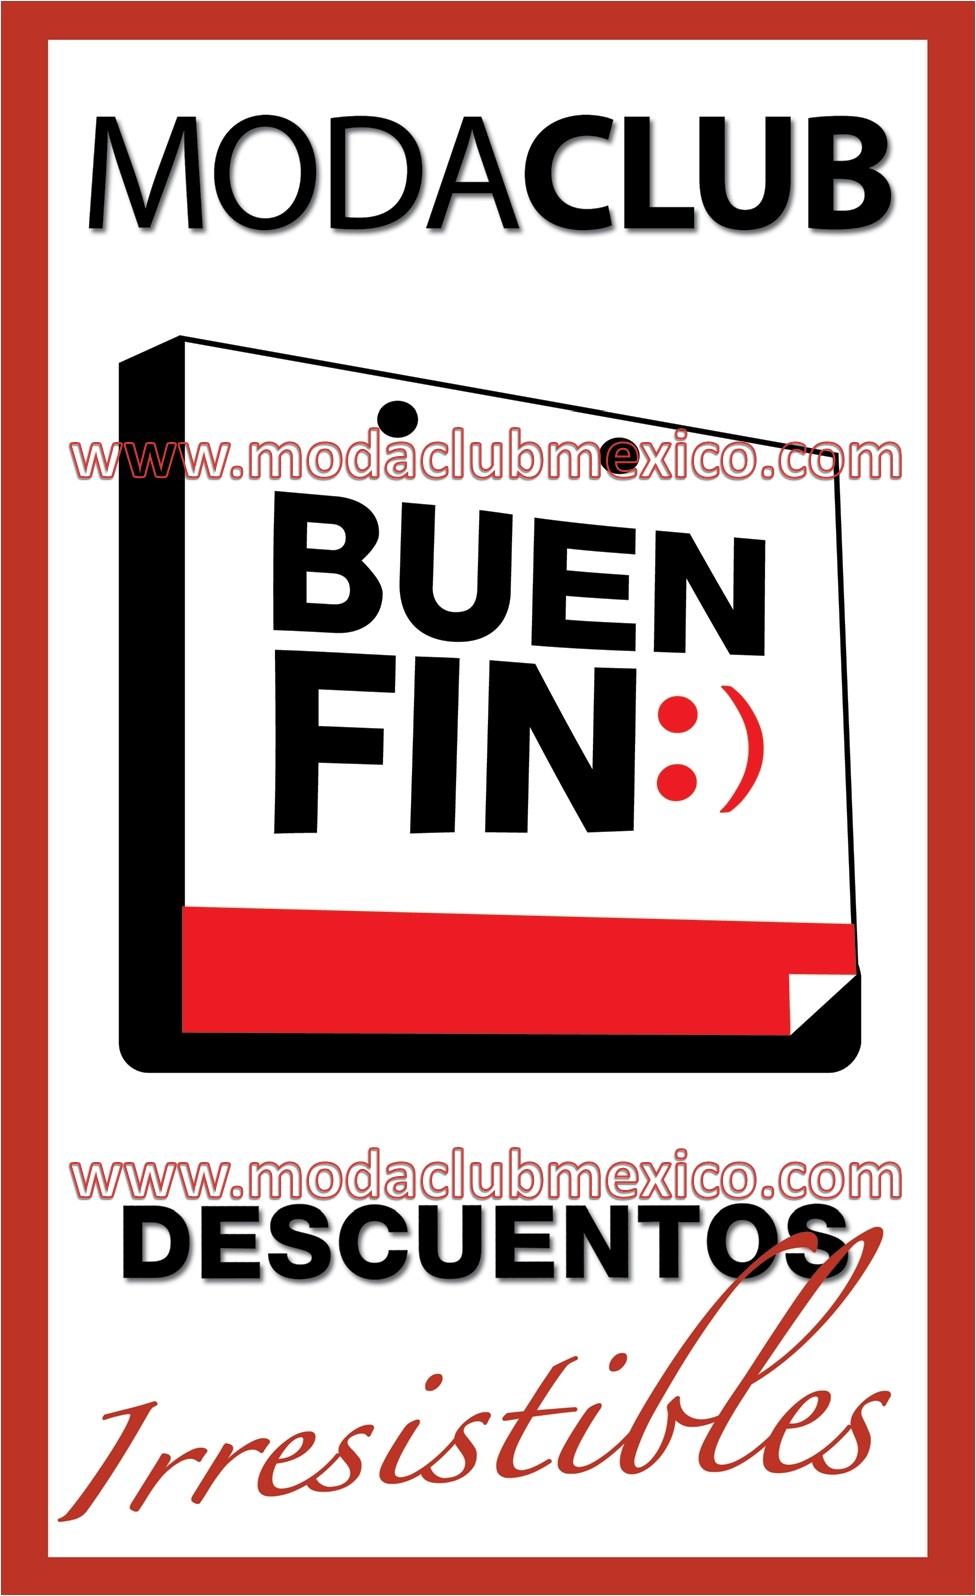 Modaclub ofertas nuevos catalogos buen fin 2012 moda club for Ofertas recamaras buen fin